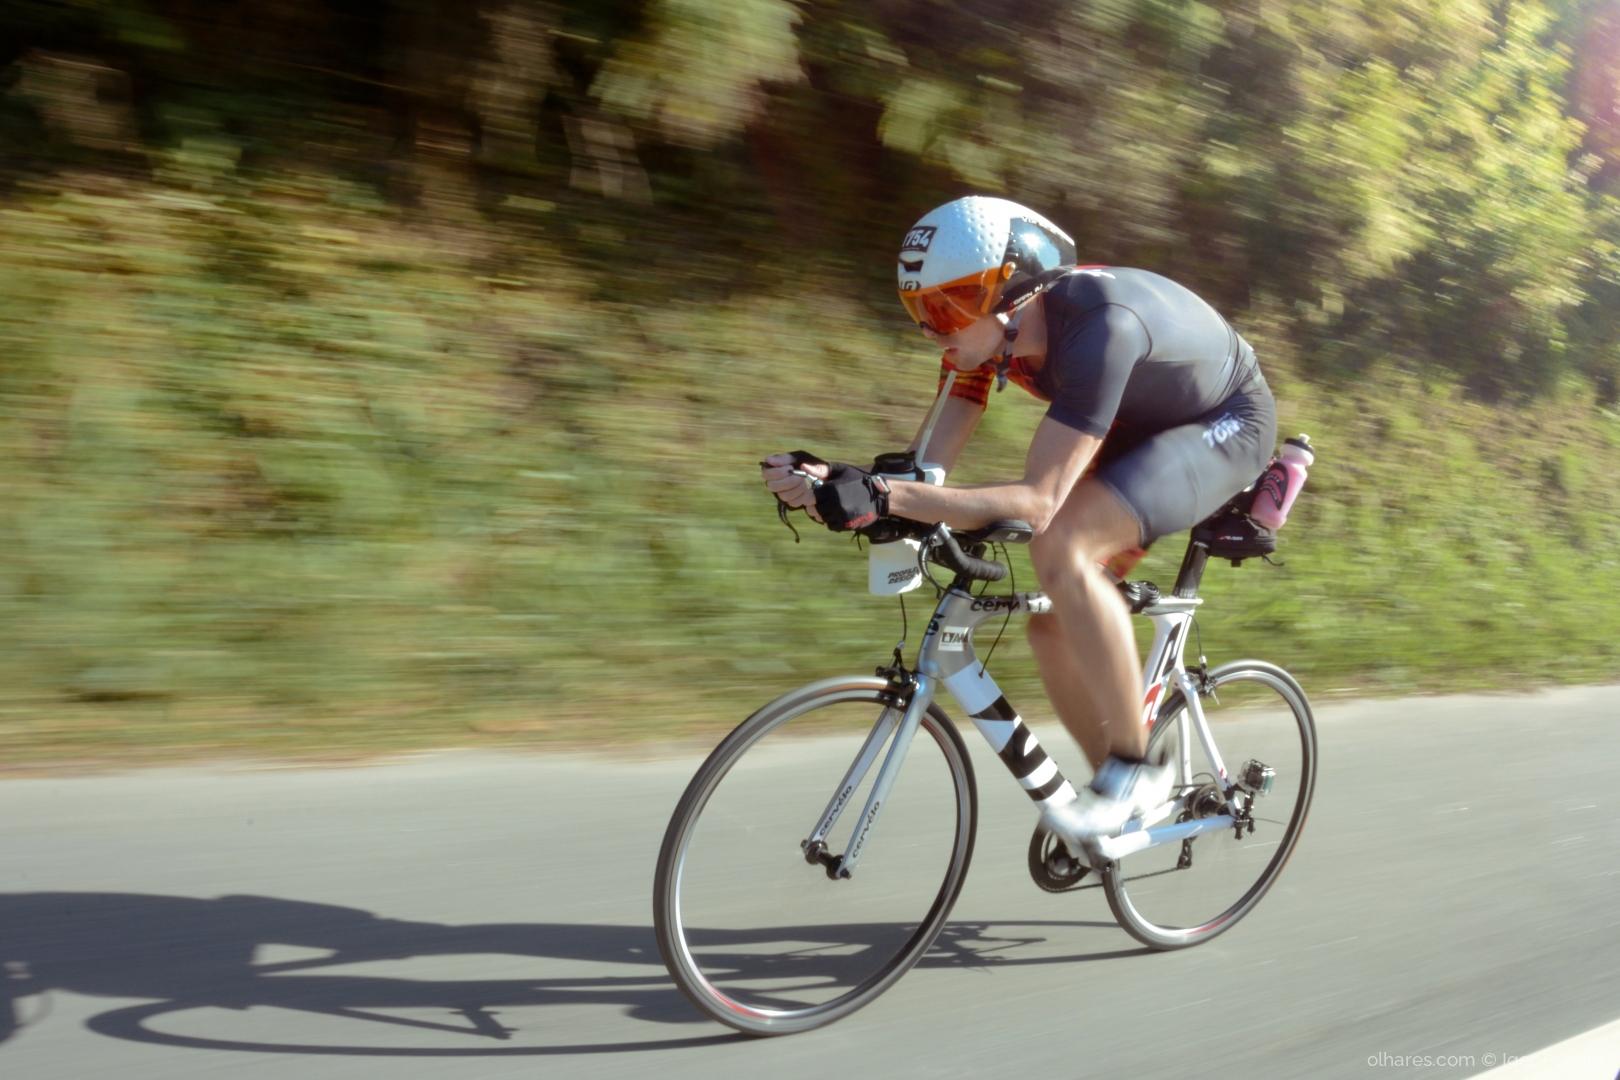 Desporto e Ação/Triathlon na estrada velha